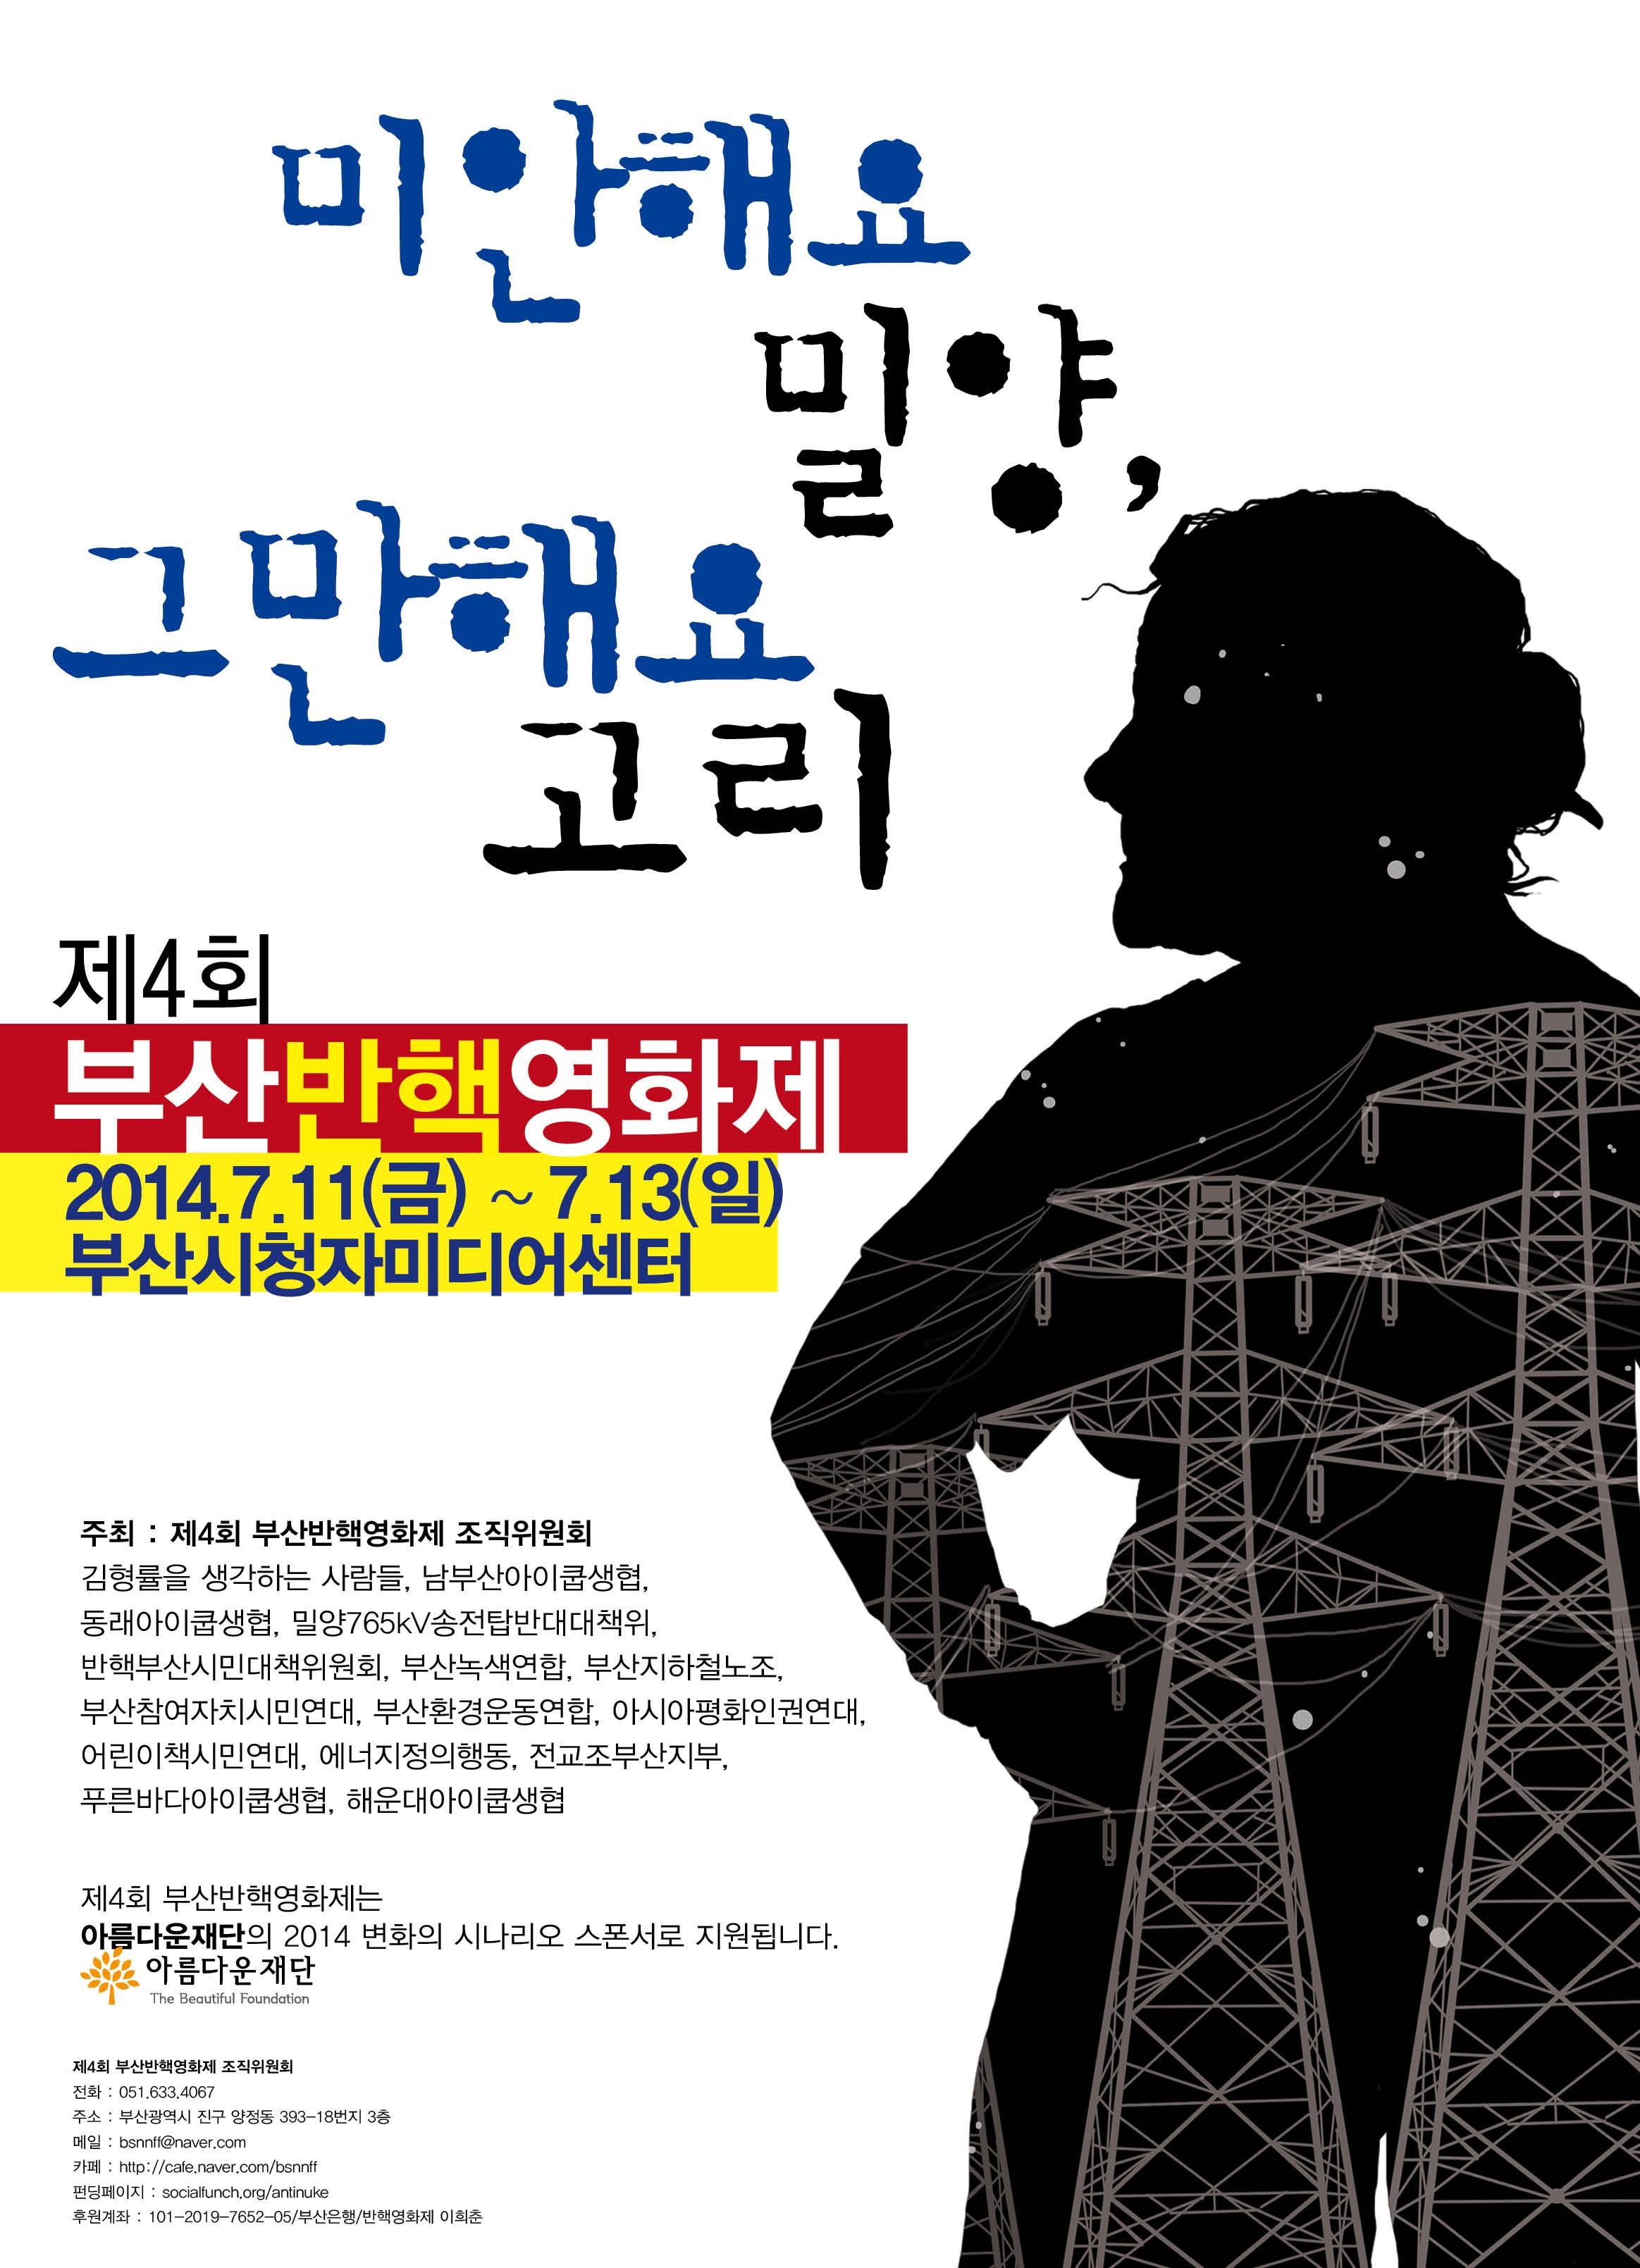 제4회 부산반핵영화제.jpg